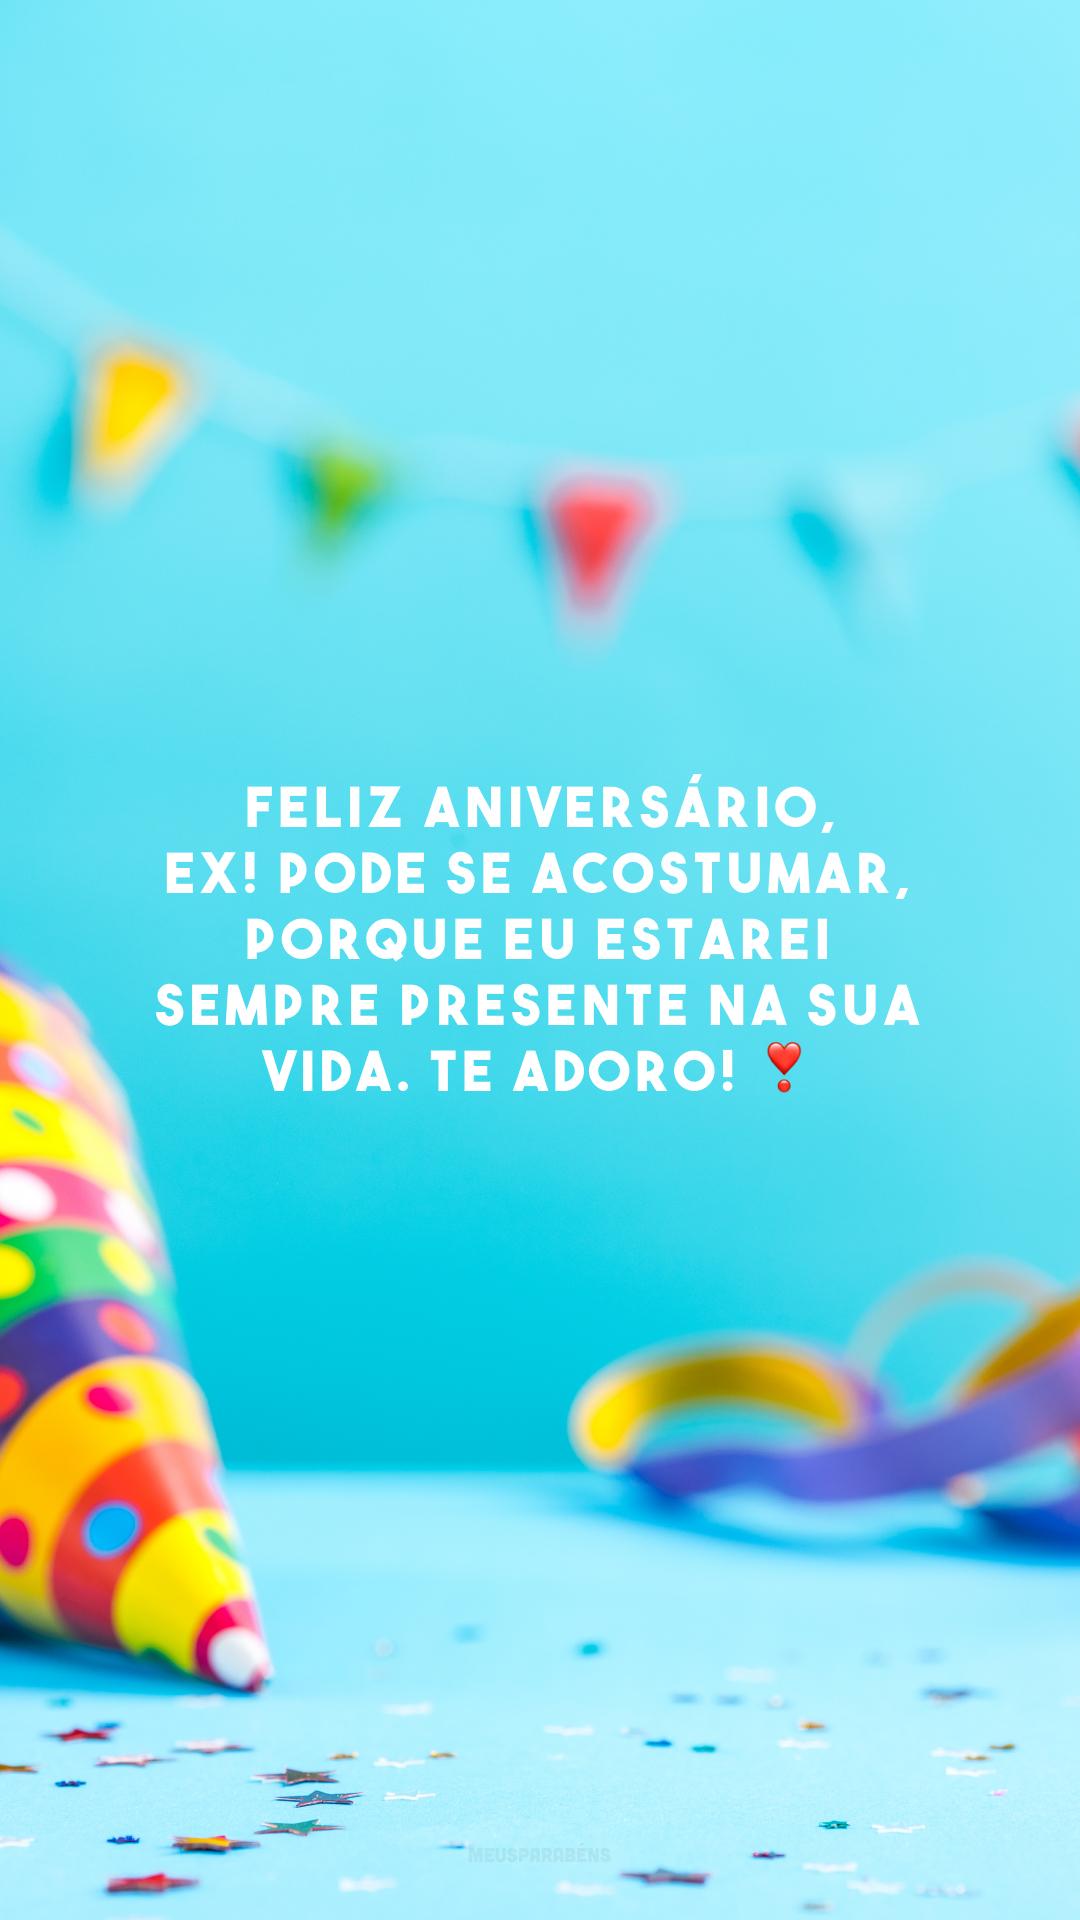 Feliz aniversário, ex! Pode se acostumar, porque eu estarei sempre presente na sua vida. Te adoro! ❣️